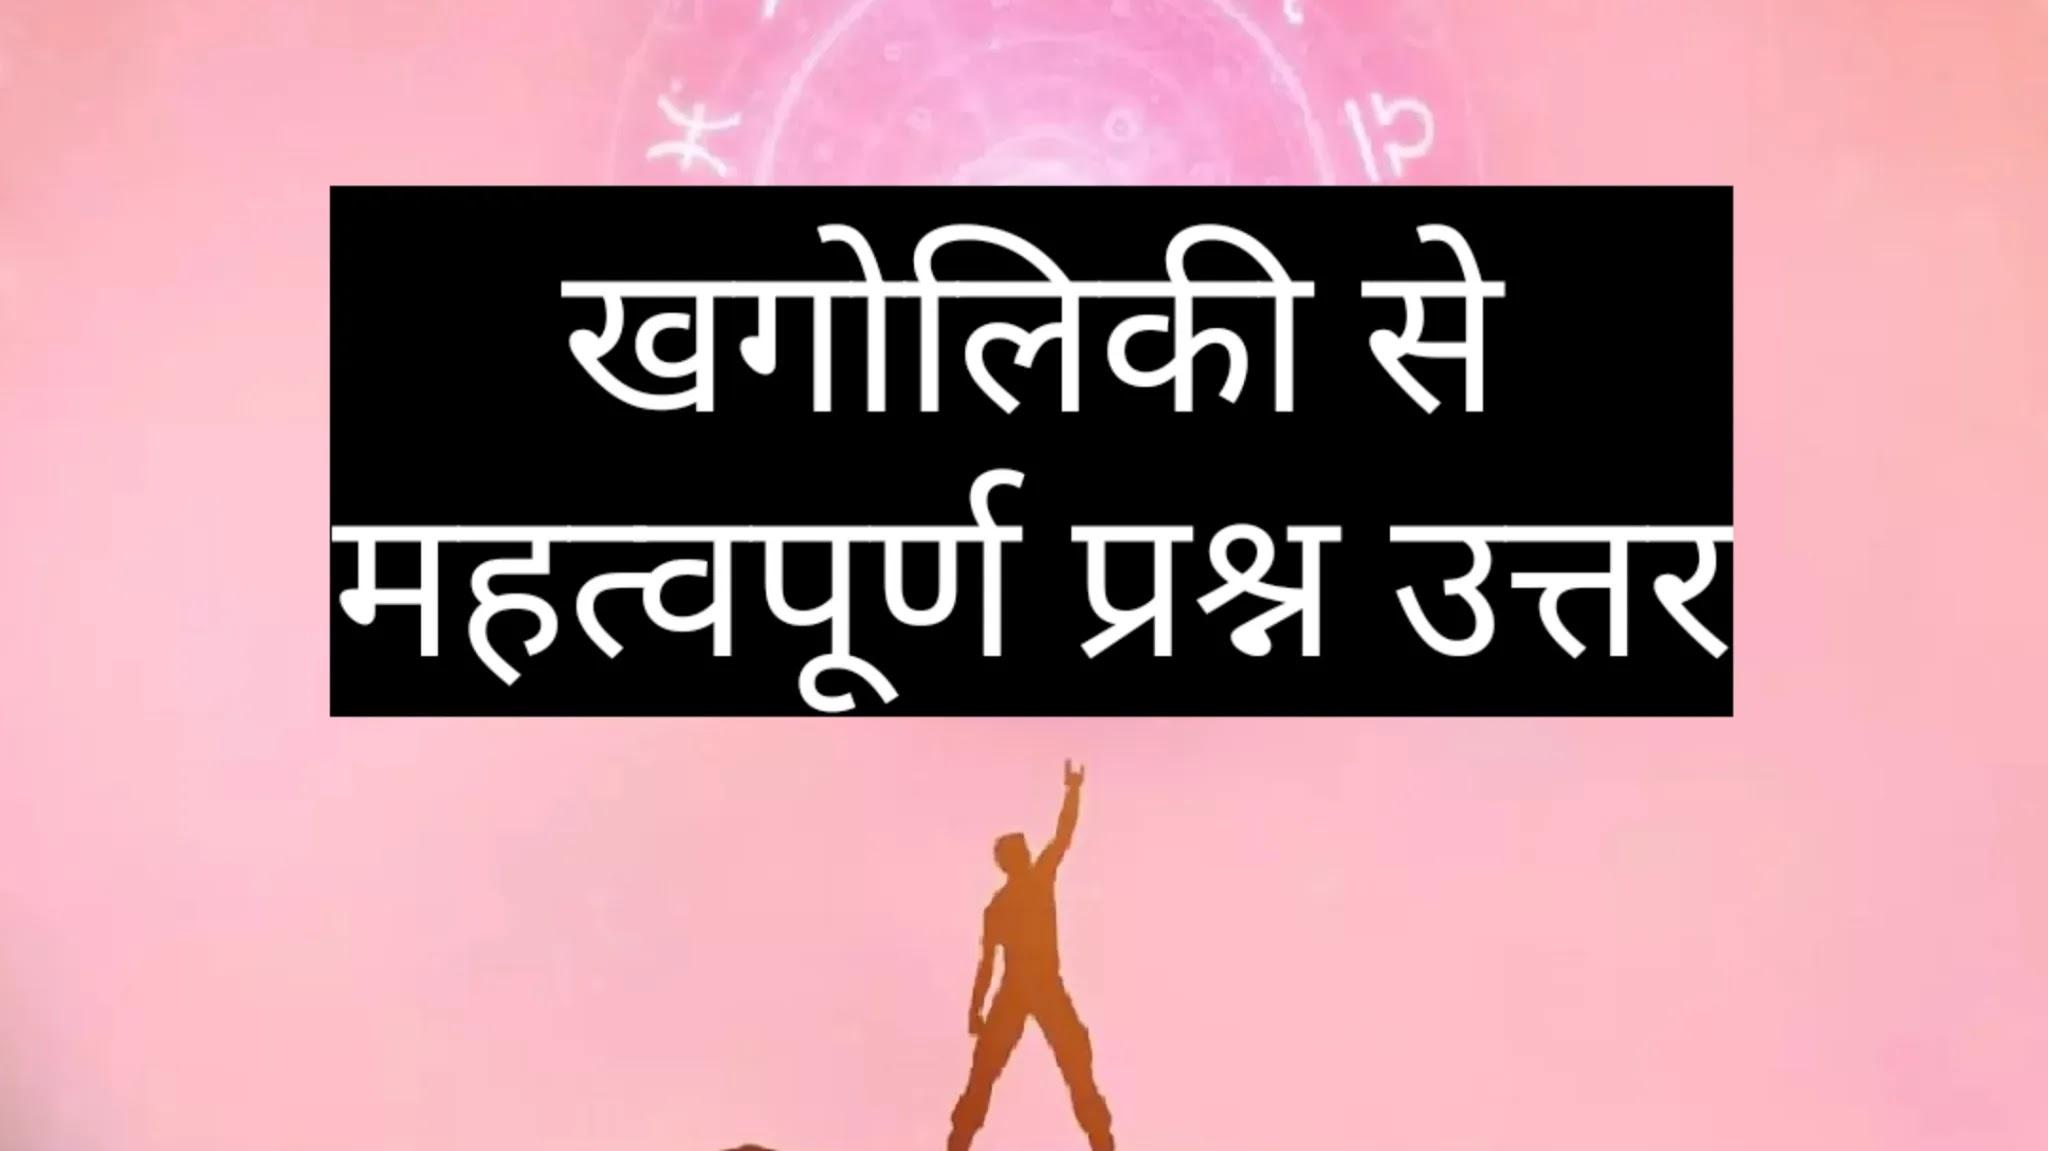 खगोलिकी से महत्वपूर्ण प्रश्न उत्तर, Astronomy Important Question Answer in Hindi